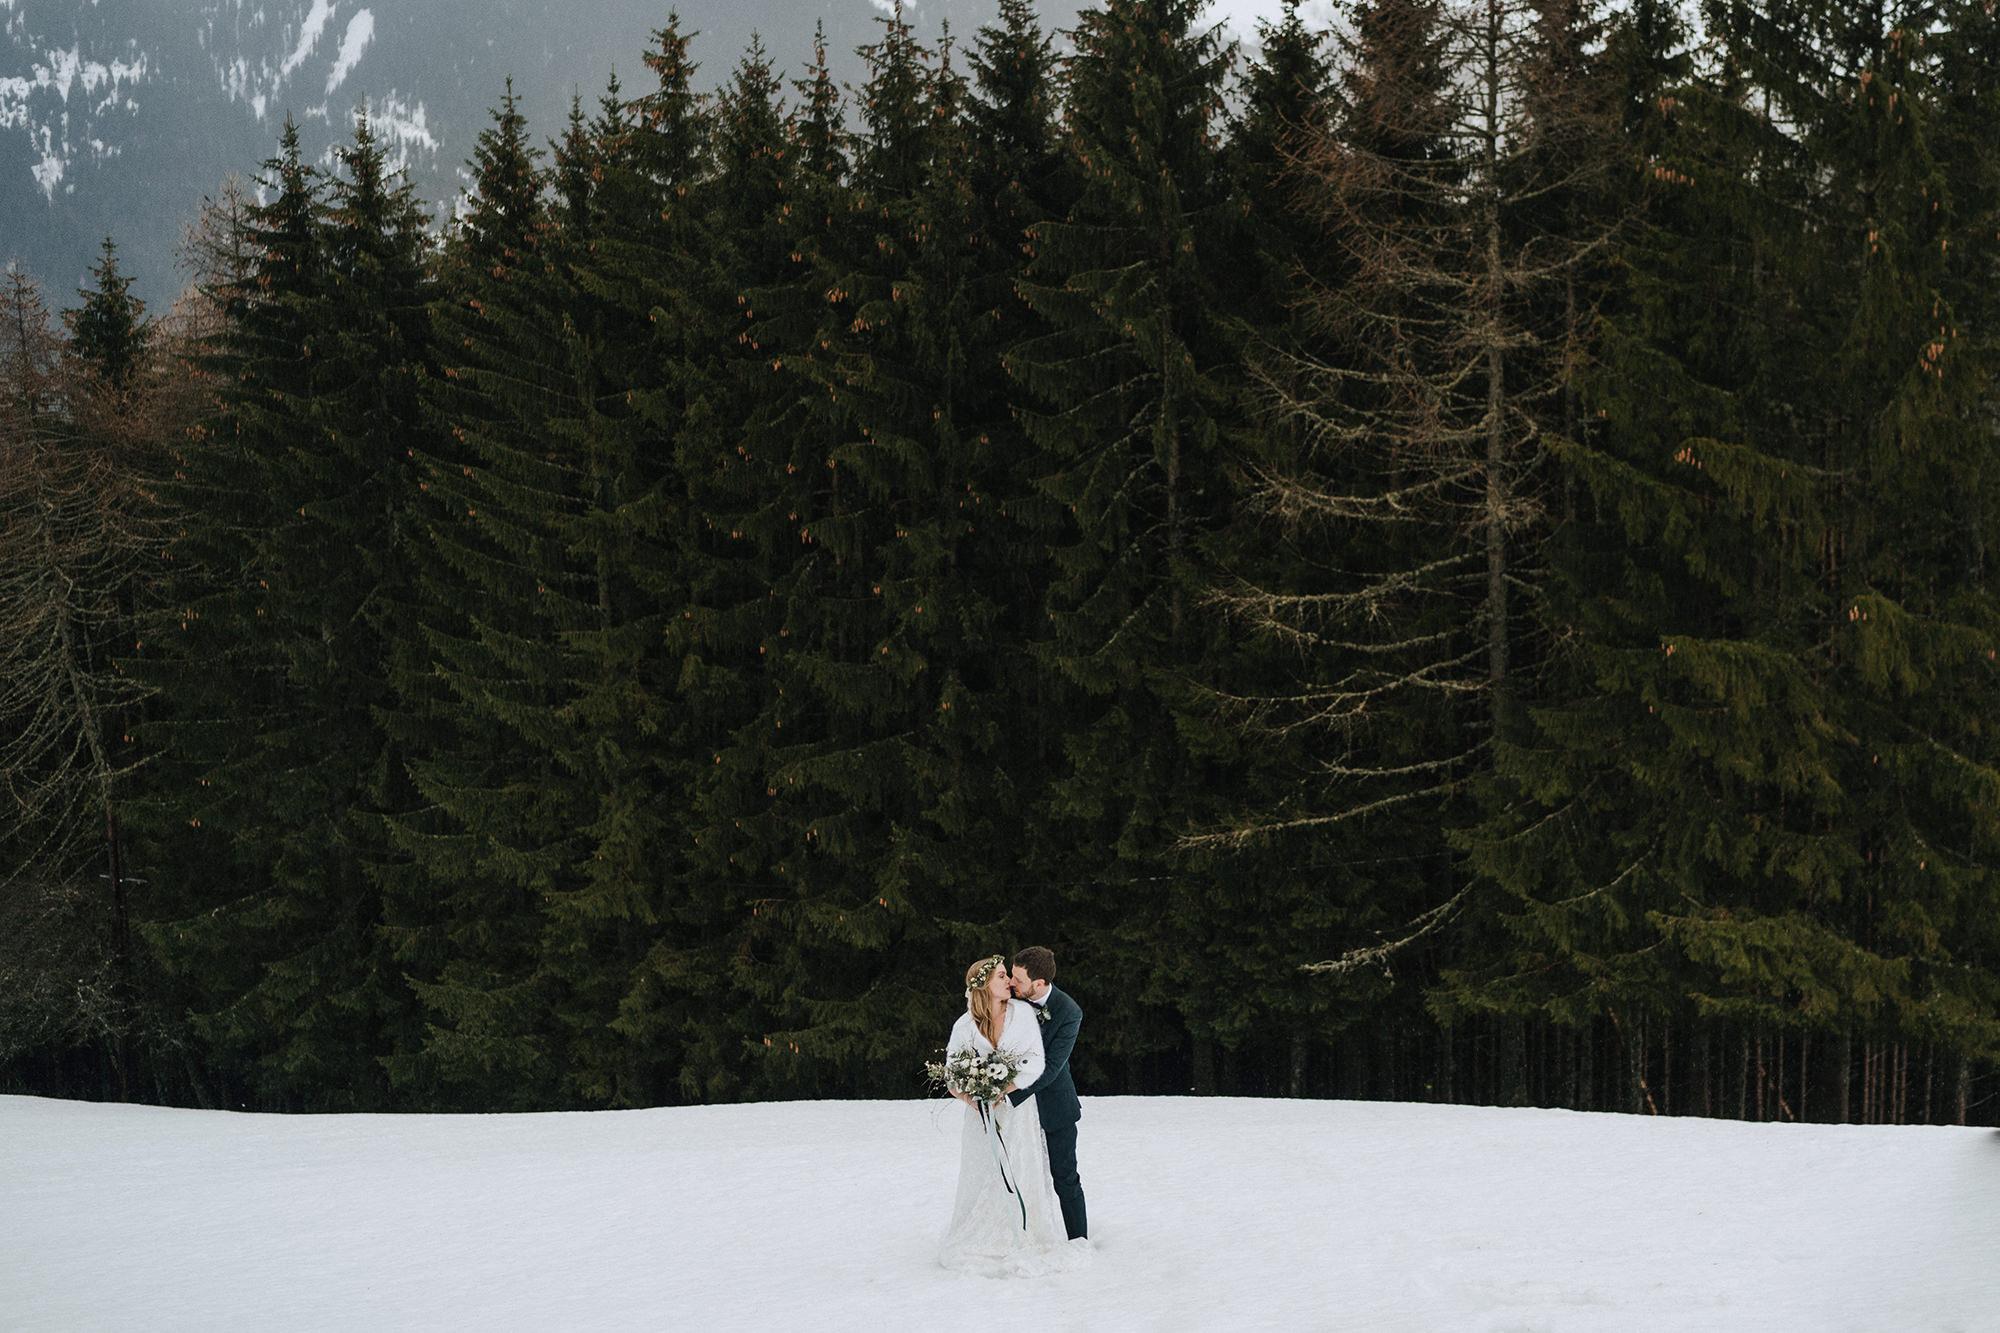 Mariage_haute_savoie_le_reposoir_Marlene+Adrien_neupapphotography-734.jpg